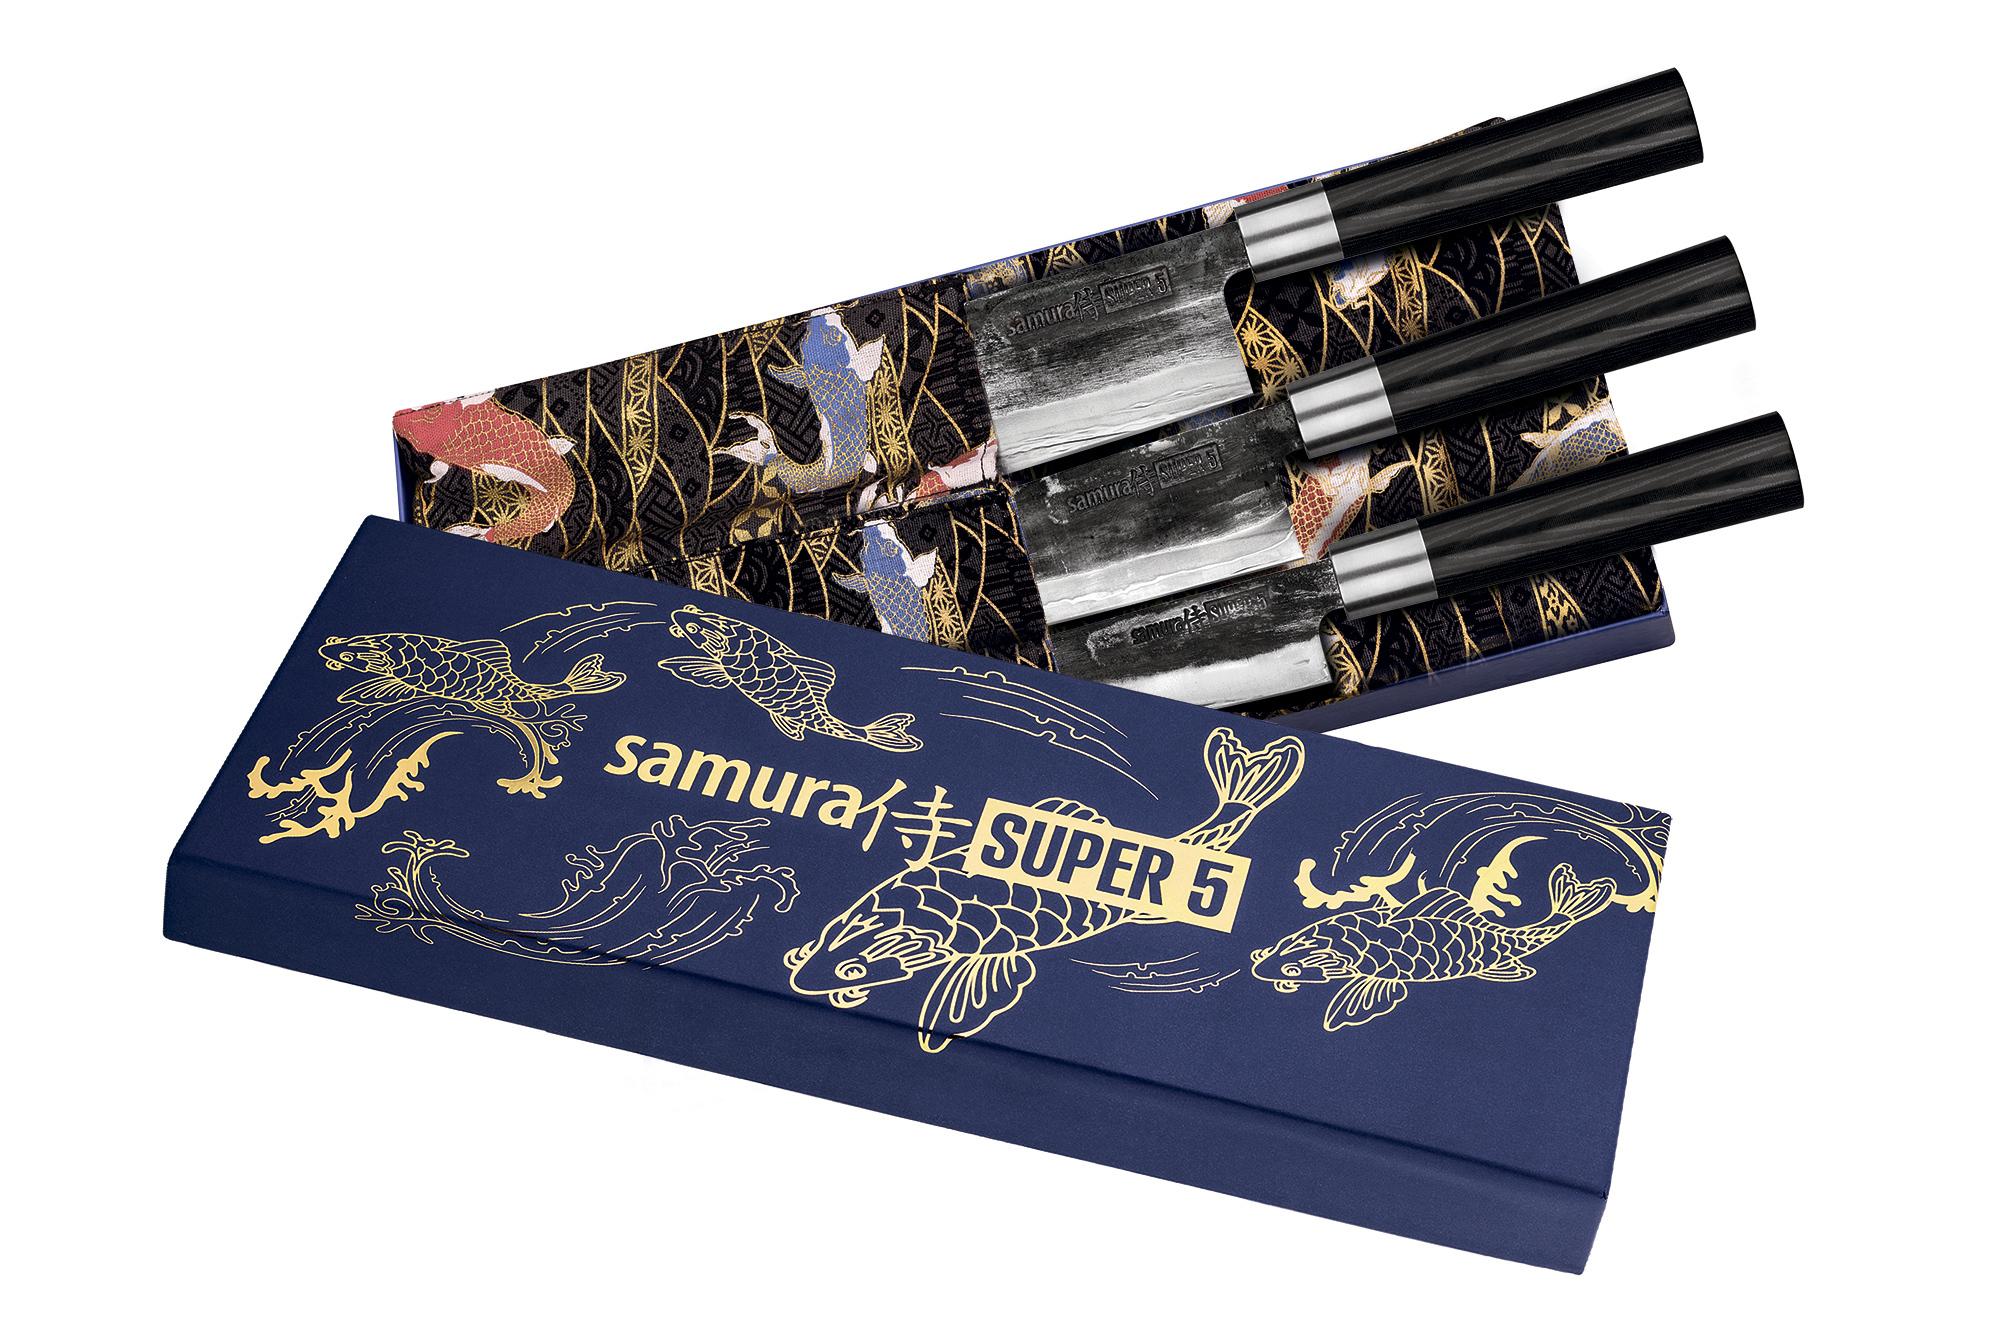 Набор кухонный - 3 кухонных ножа Samura SUPER 5 (23, 43, 95), гвоздичное масло, салфетка